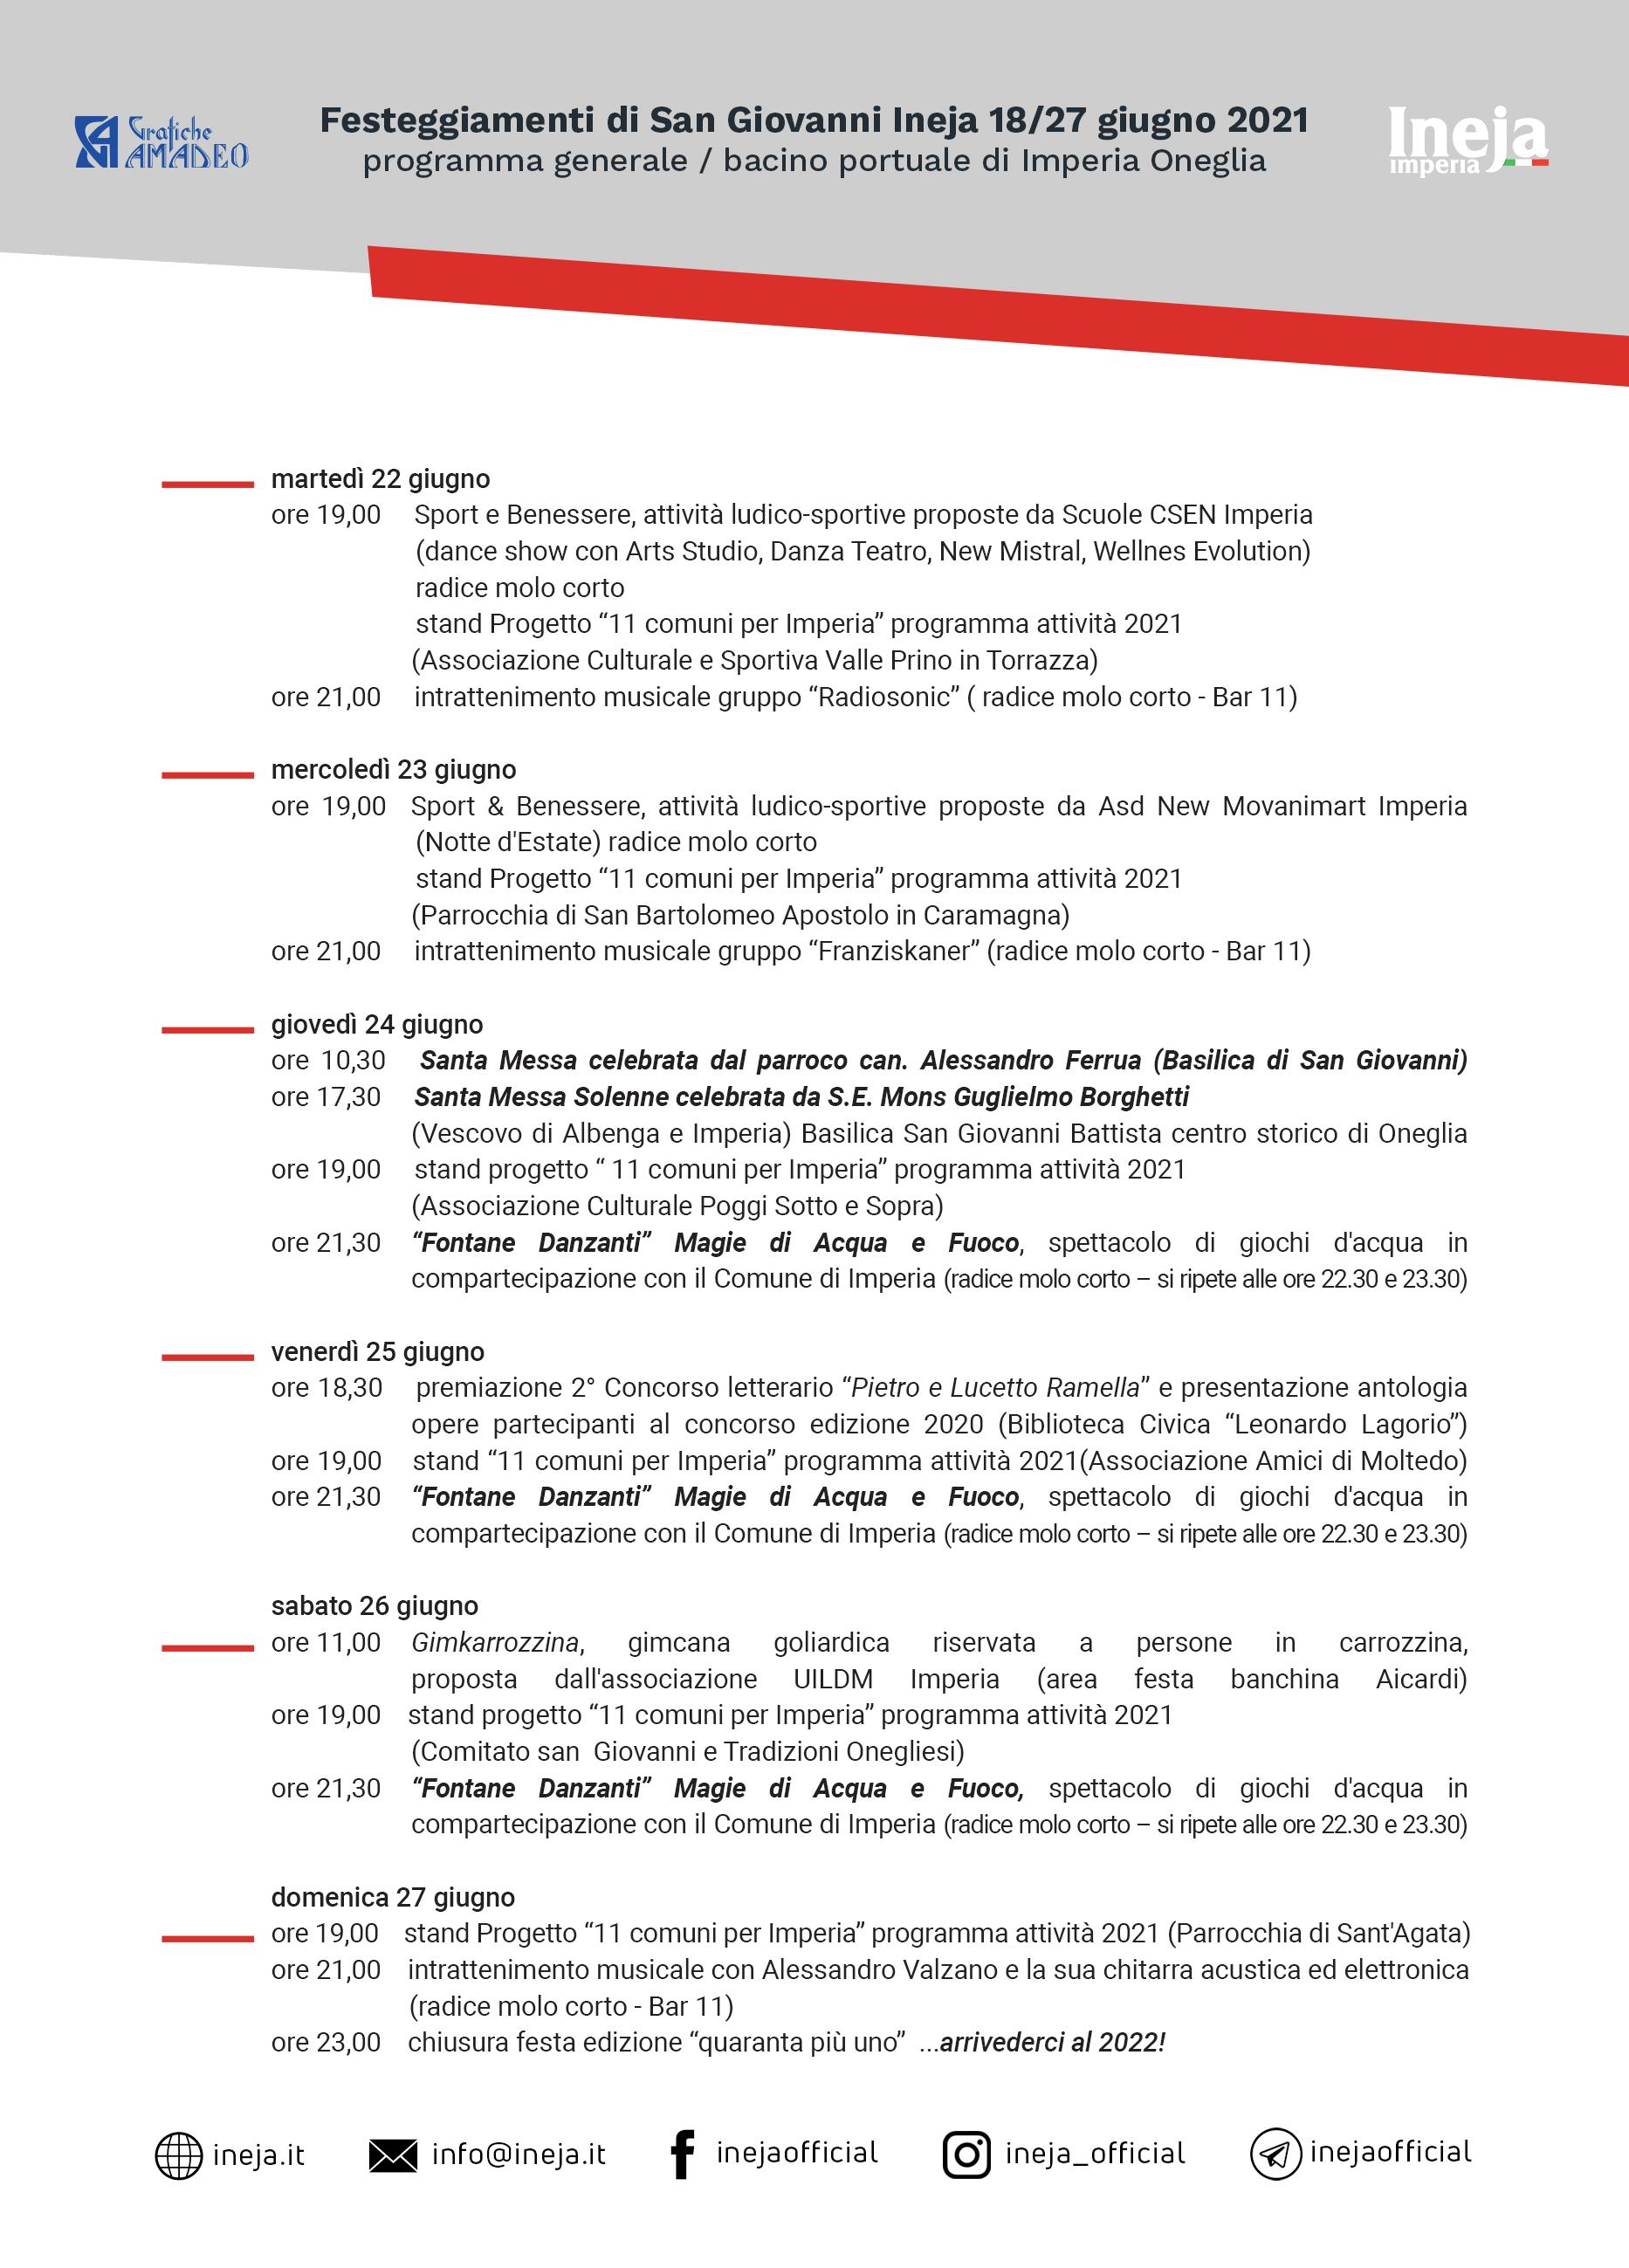 a5_programma_orari_retro-copia